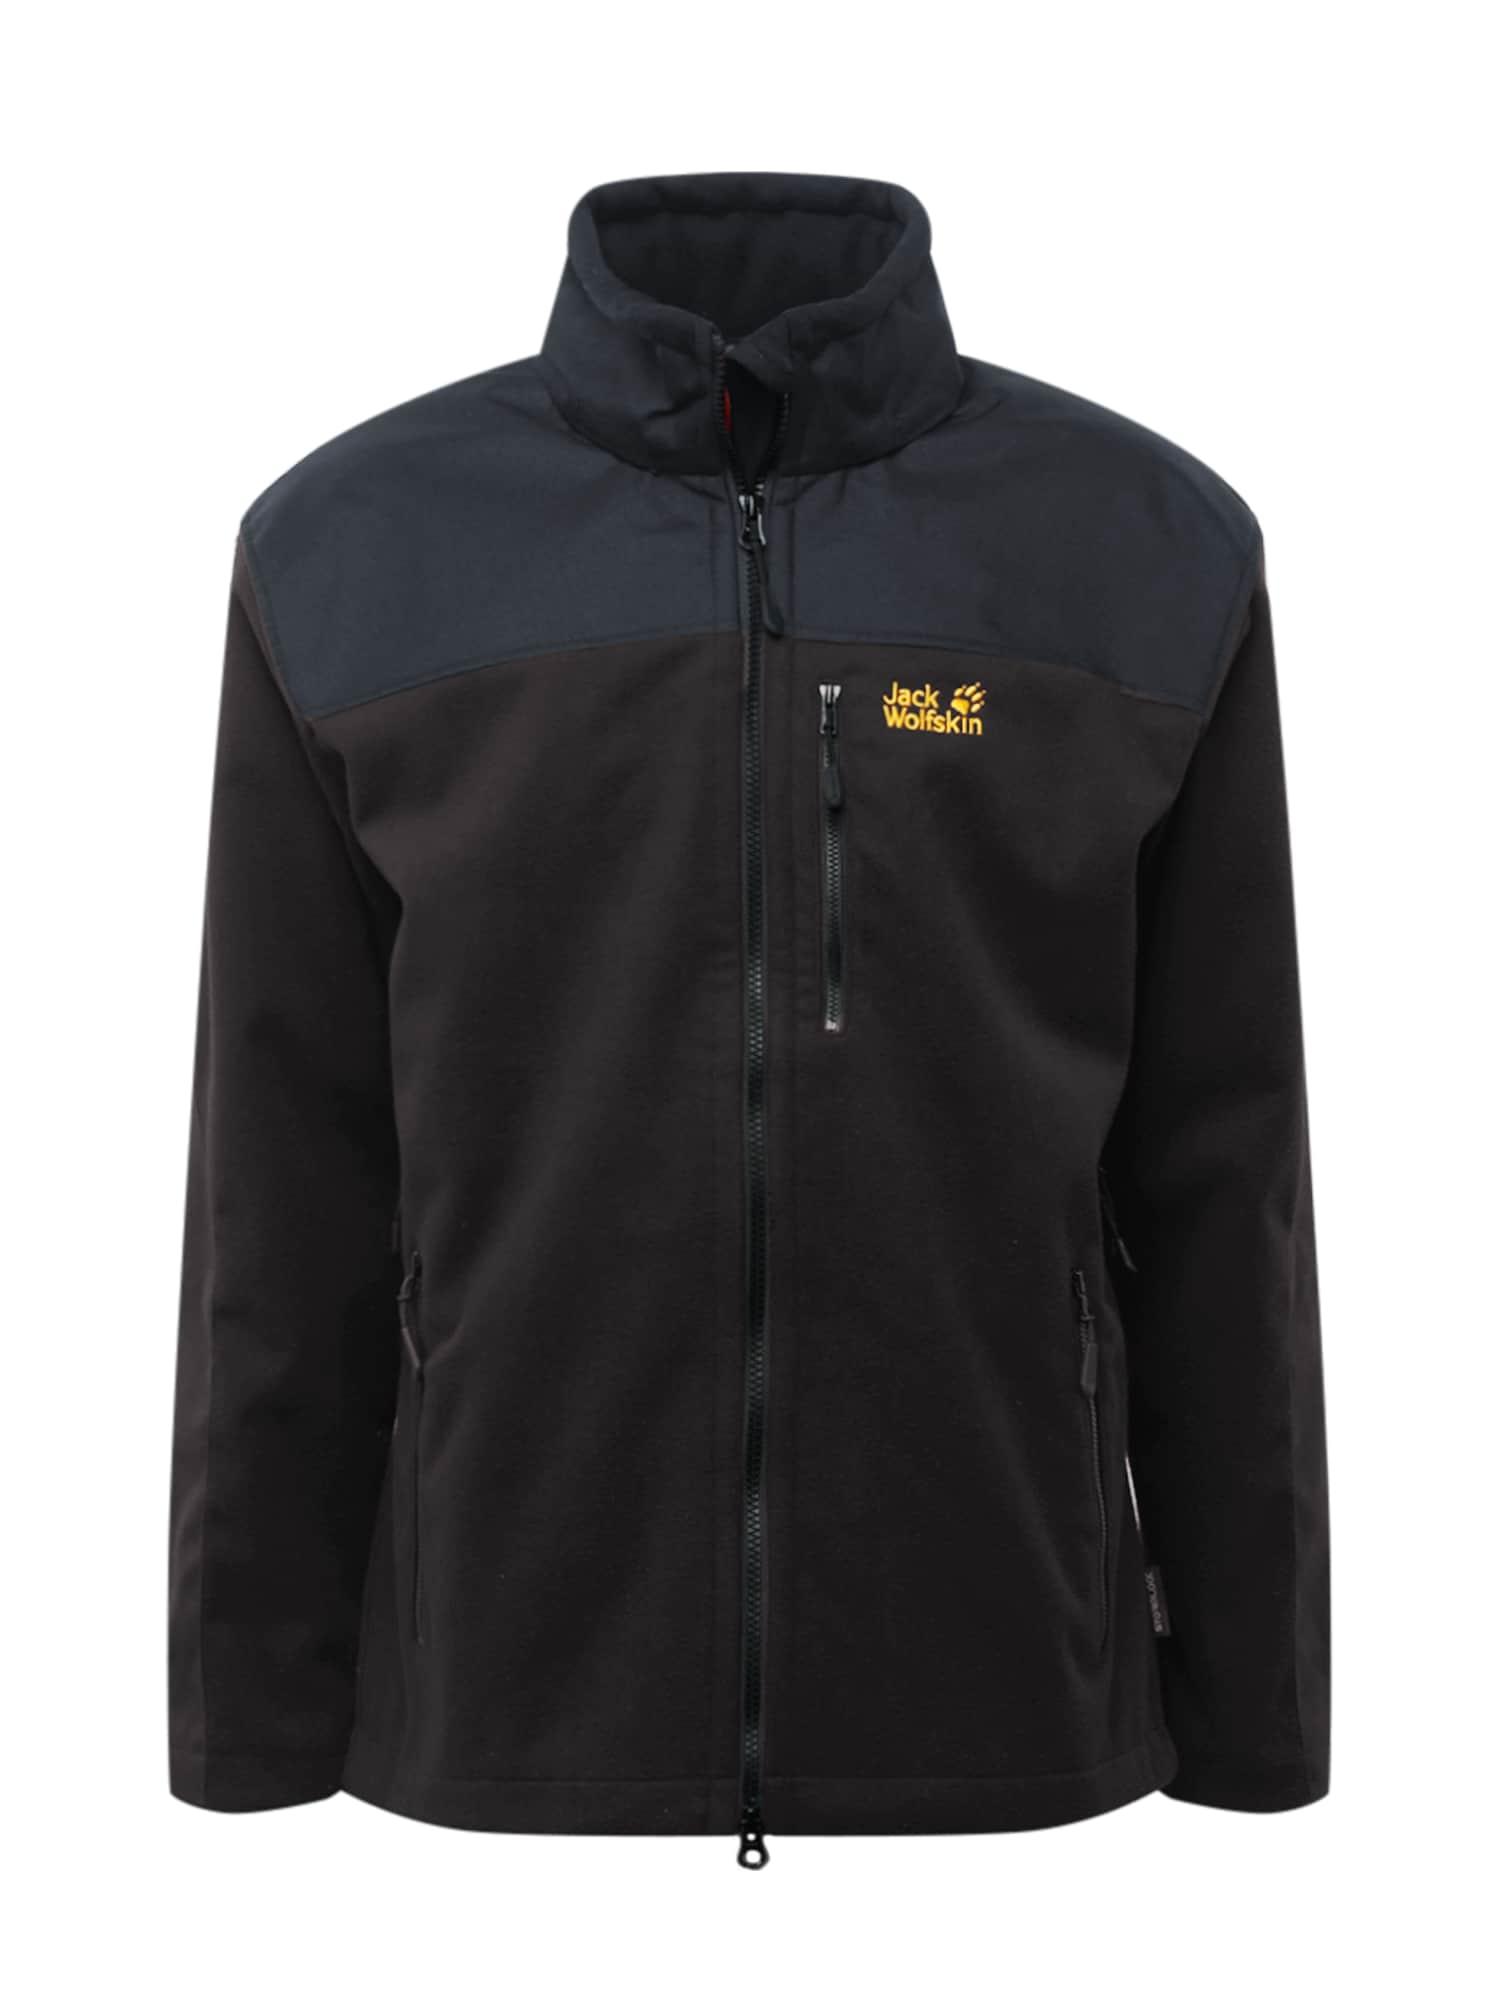 JACK WOLFSKIN Sportovní bunda 'BLIZZARD'  černá / oranžová